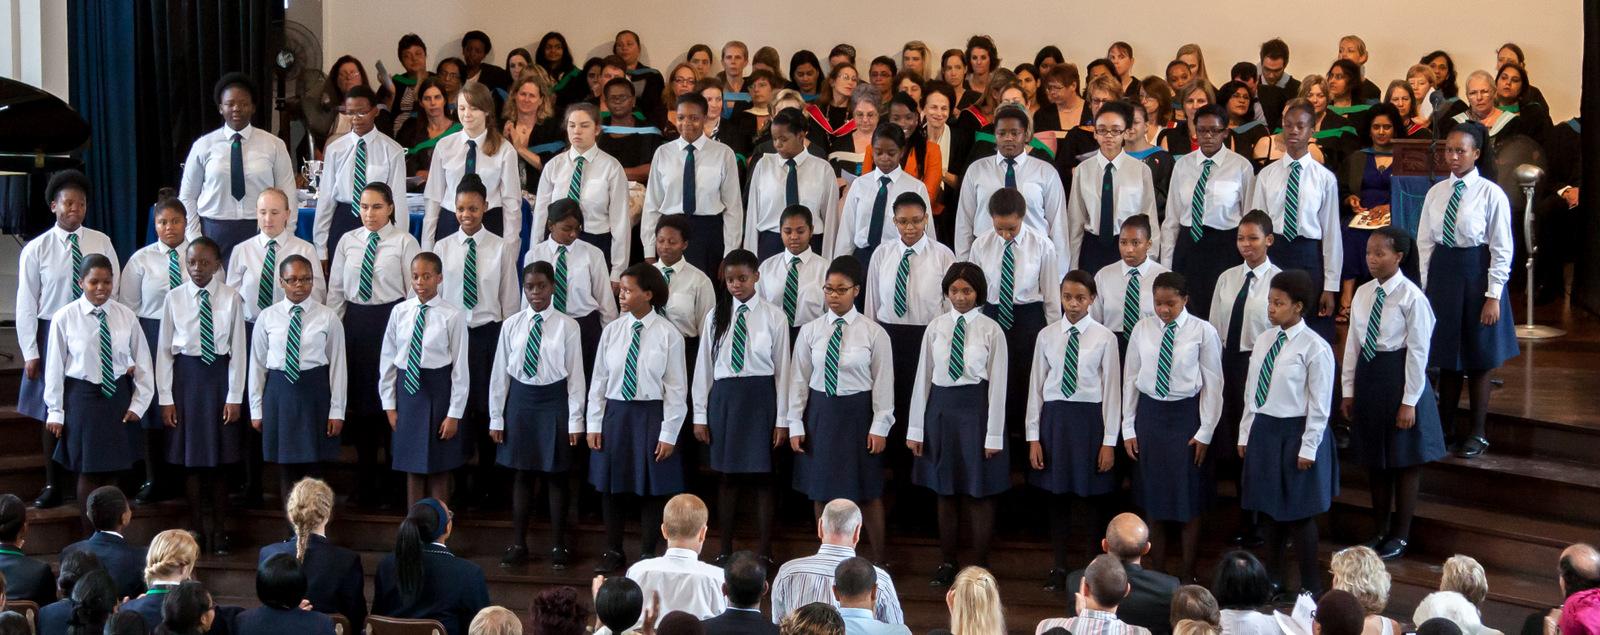 choir 2-001